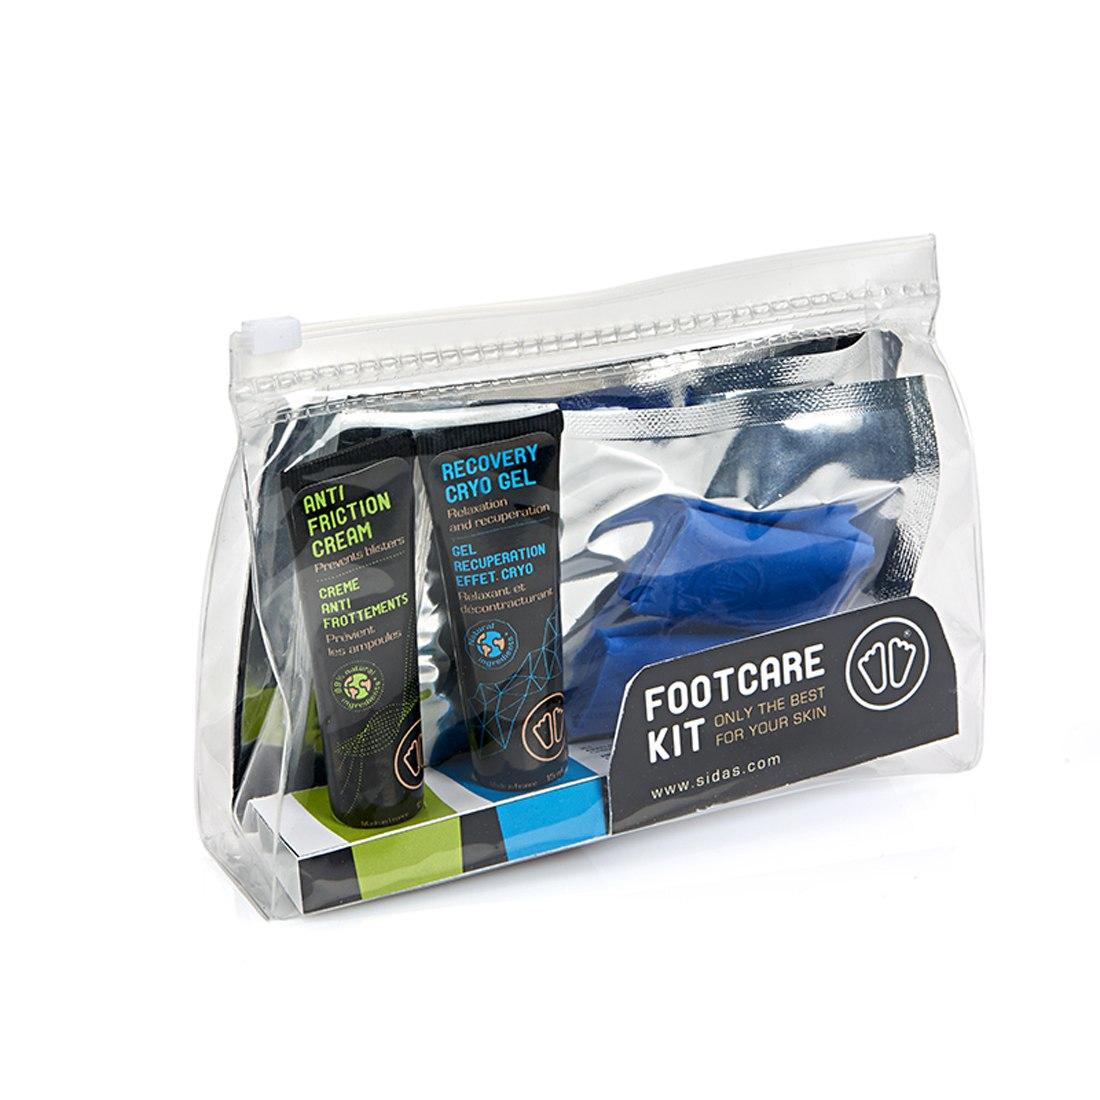 Sidas Footcare Kit